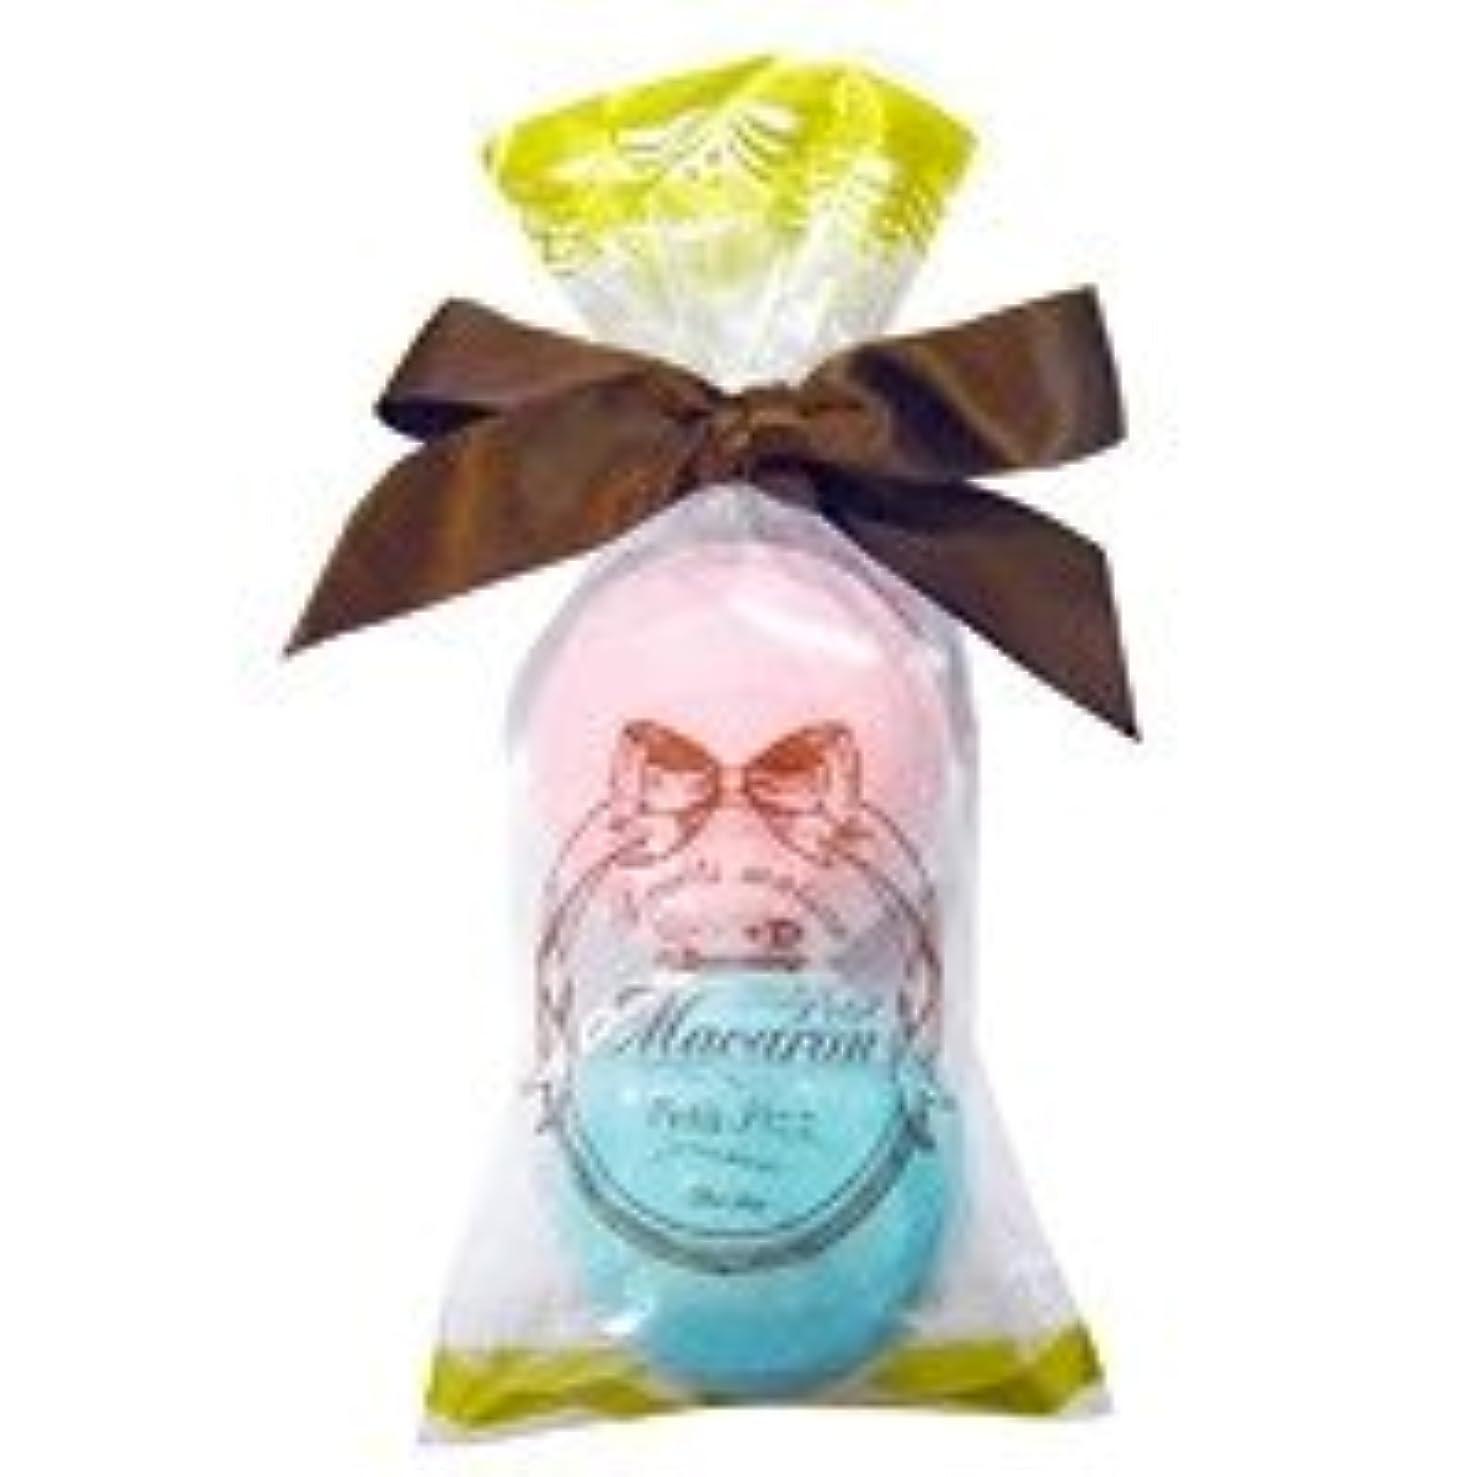 才能ショッキング体操選手スウィーツメゾン プチマカロンミニセット「ピンク&ターコイズ」6個セット 甘酸っぱいラズベリーの香り&香り豊かなグリーンティの香り